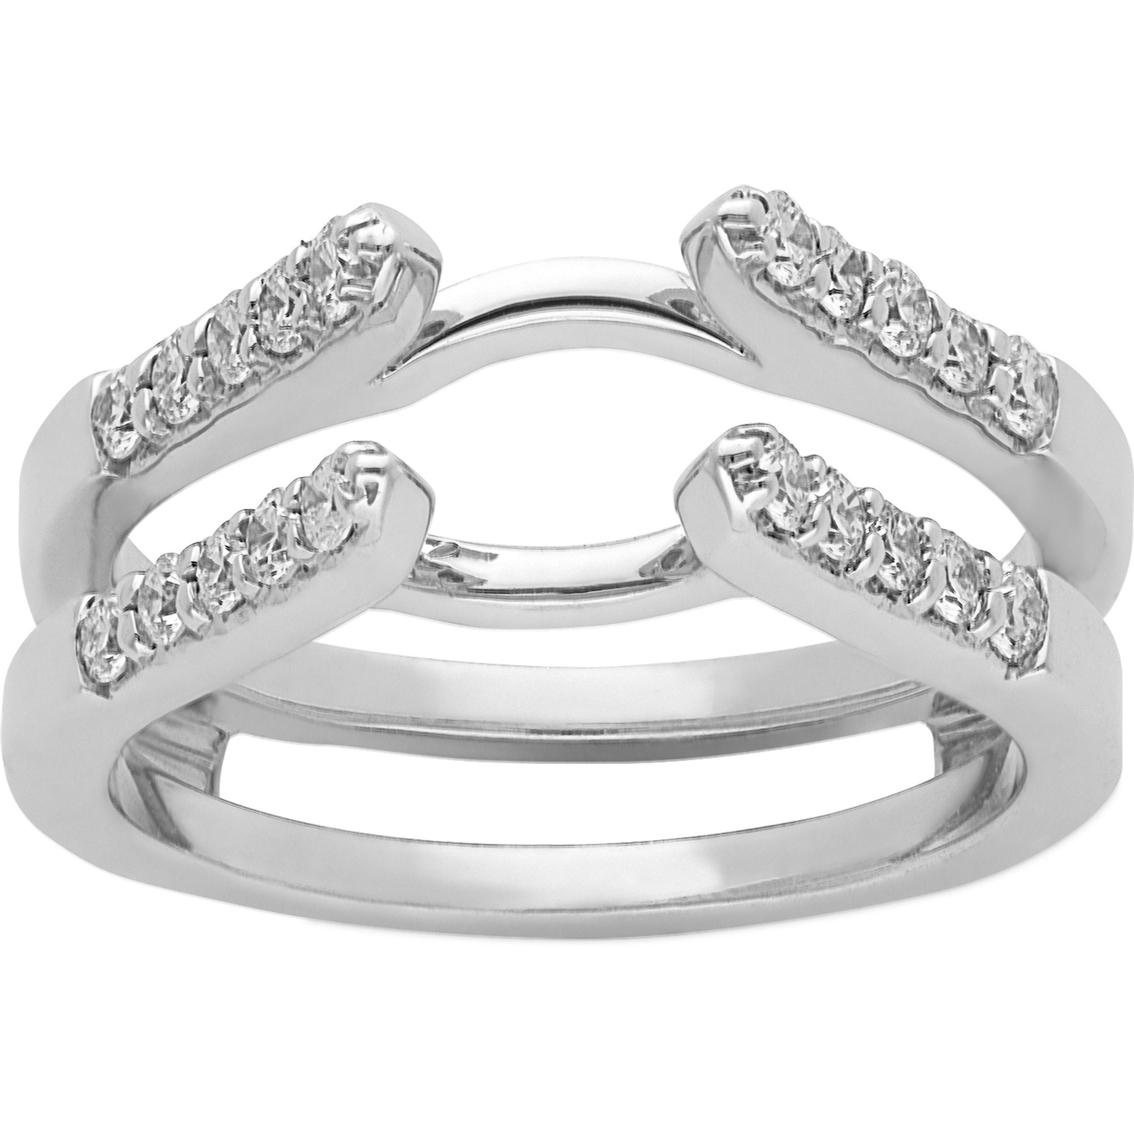 14k white gold 1 2 ct tdw ring guard size 7